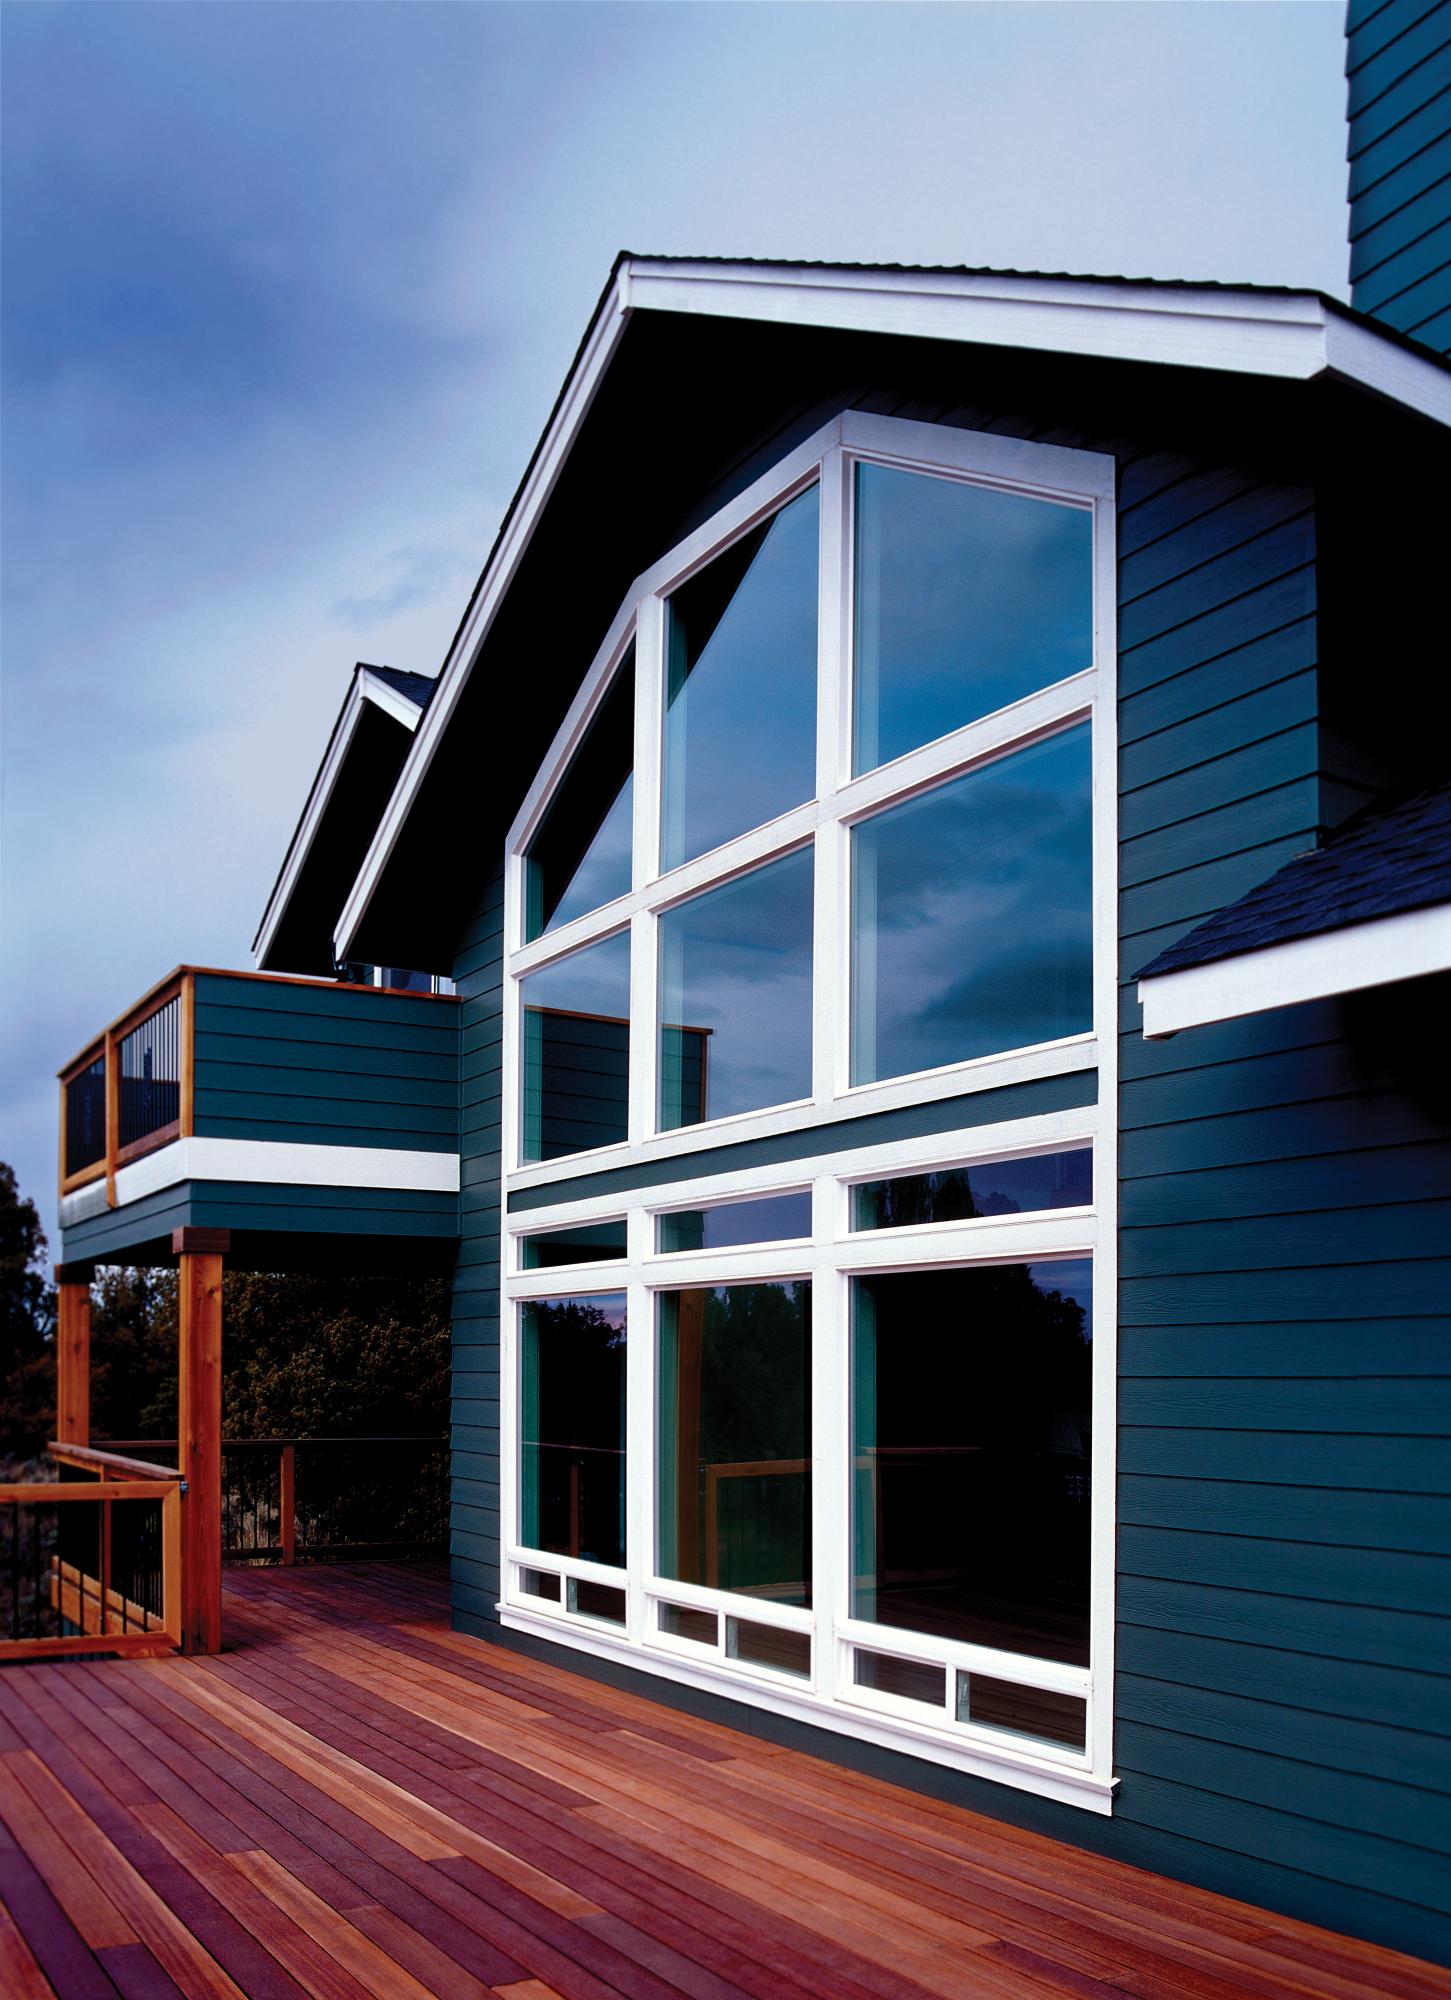 BUILDERS VINYL FIXED WINDOW EXTERIOR